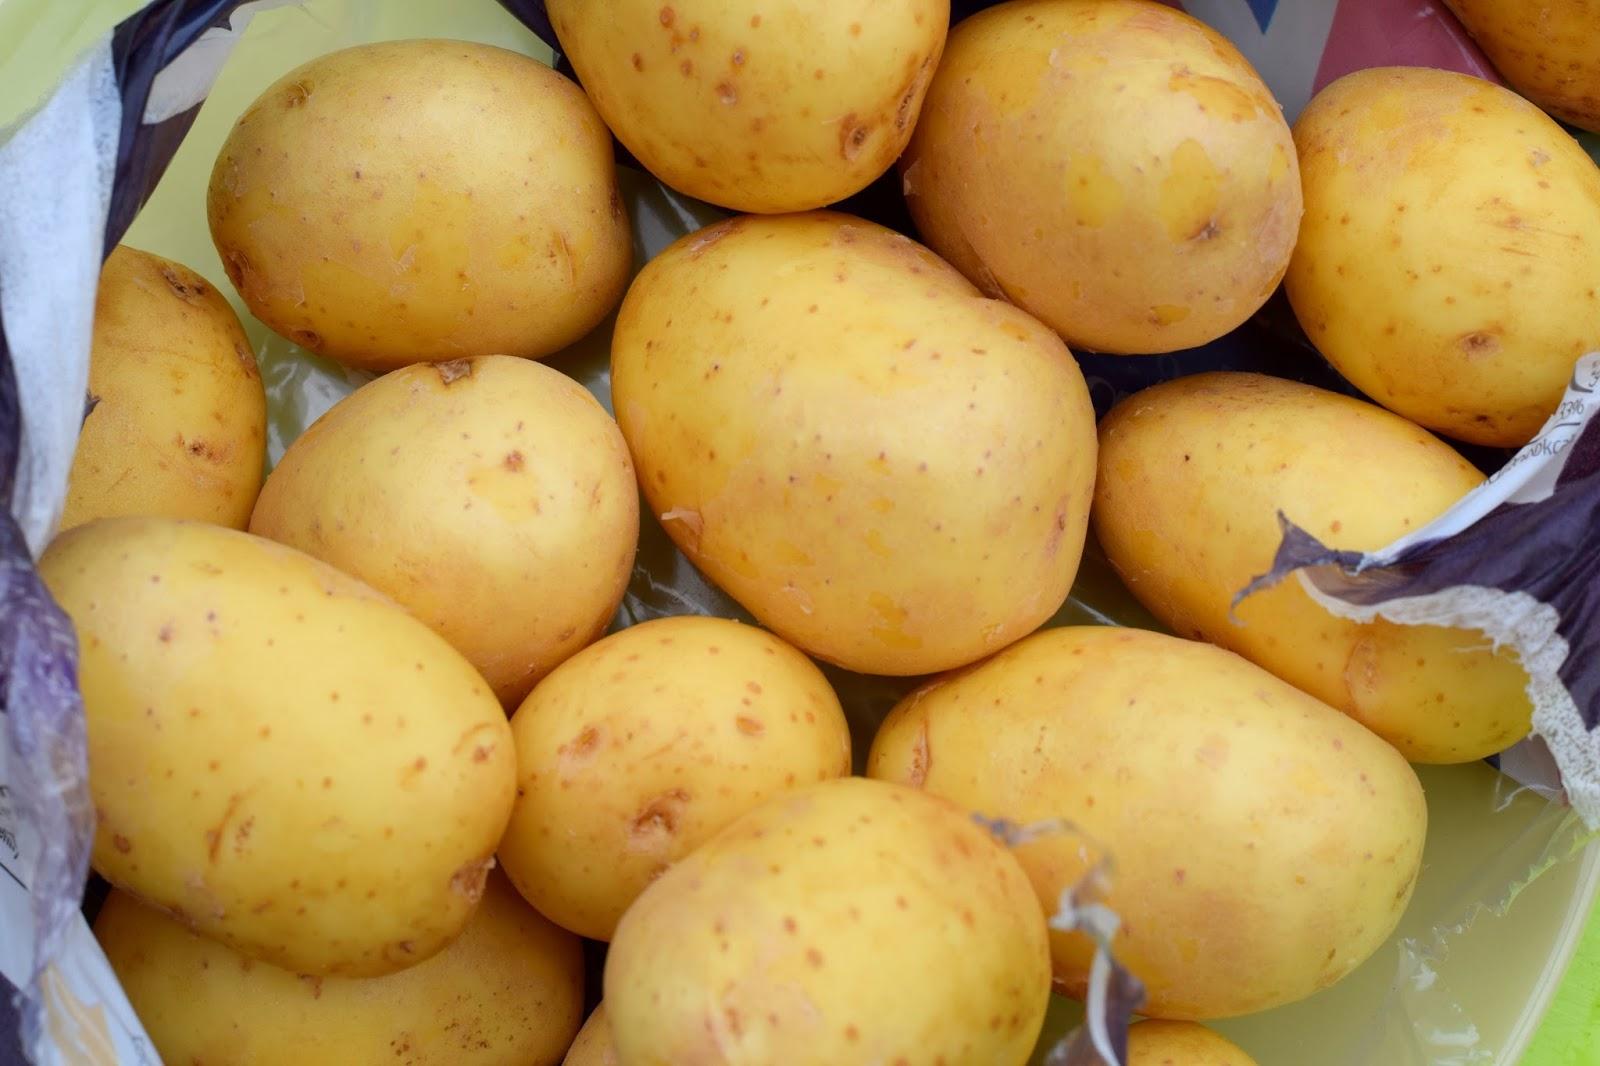 New potatoes